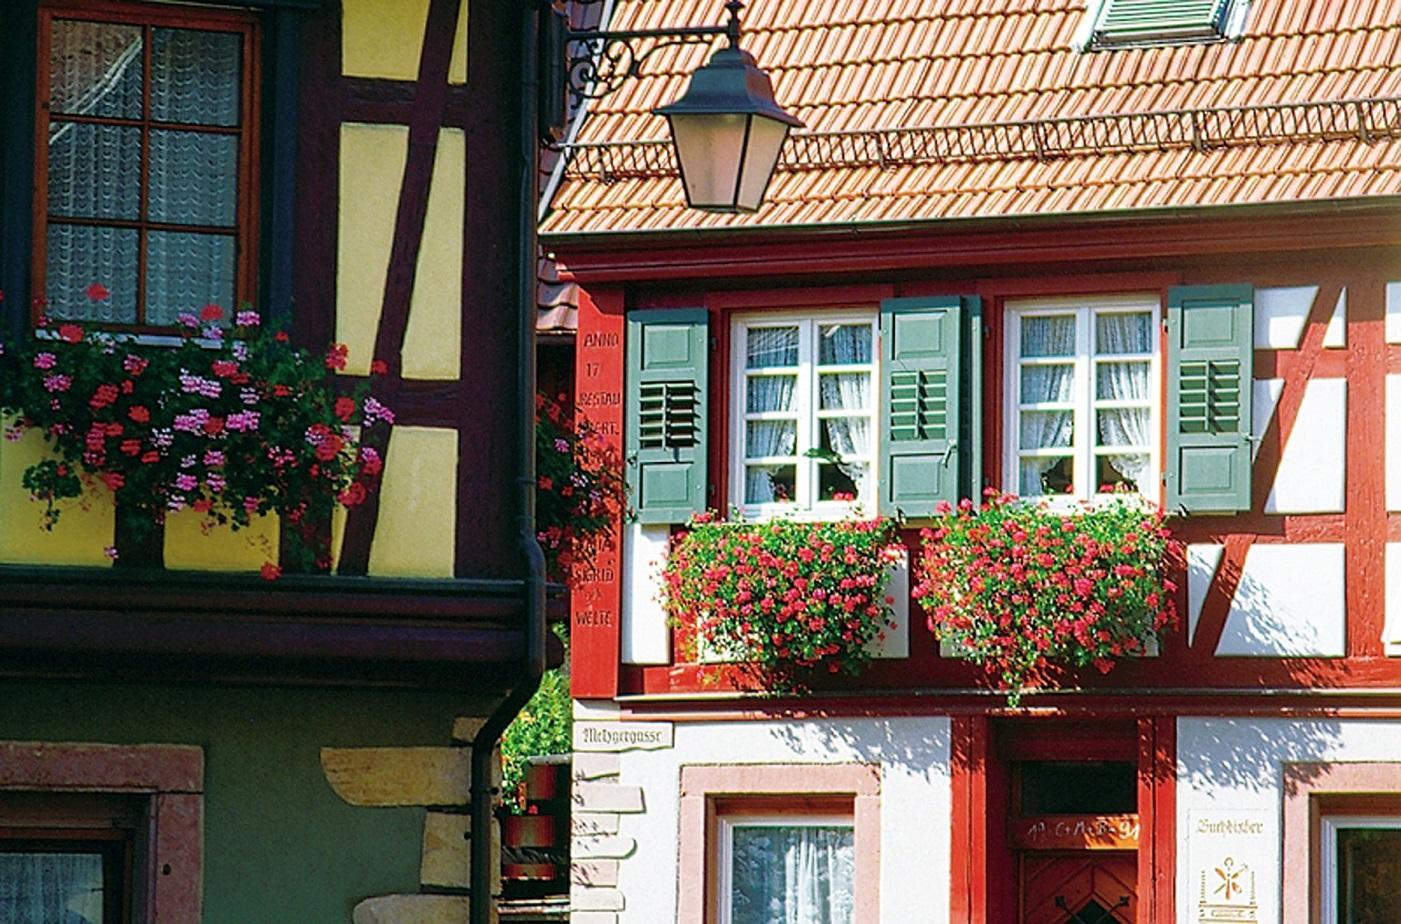 Fachwerkhäuser in der Altstadt von Haslach im Kinzigtal